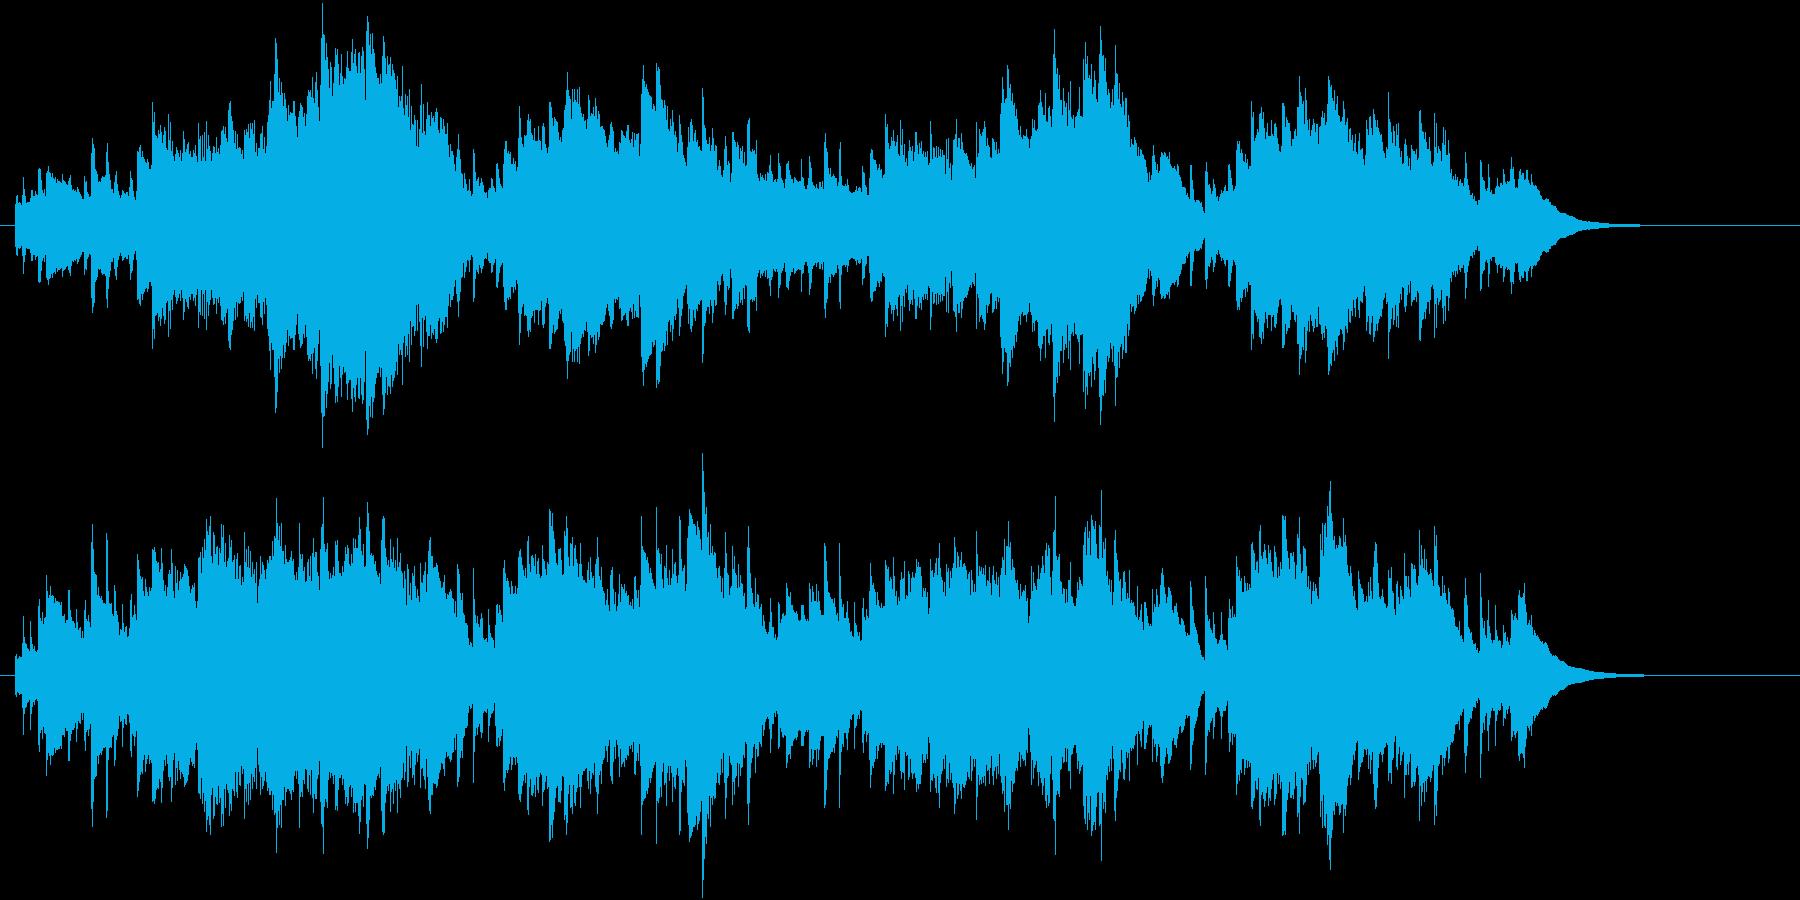 感動的なオルゴール曲の再生済みの波形